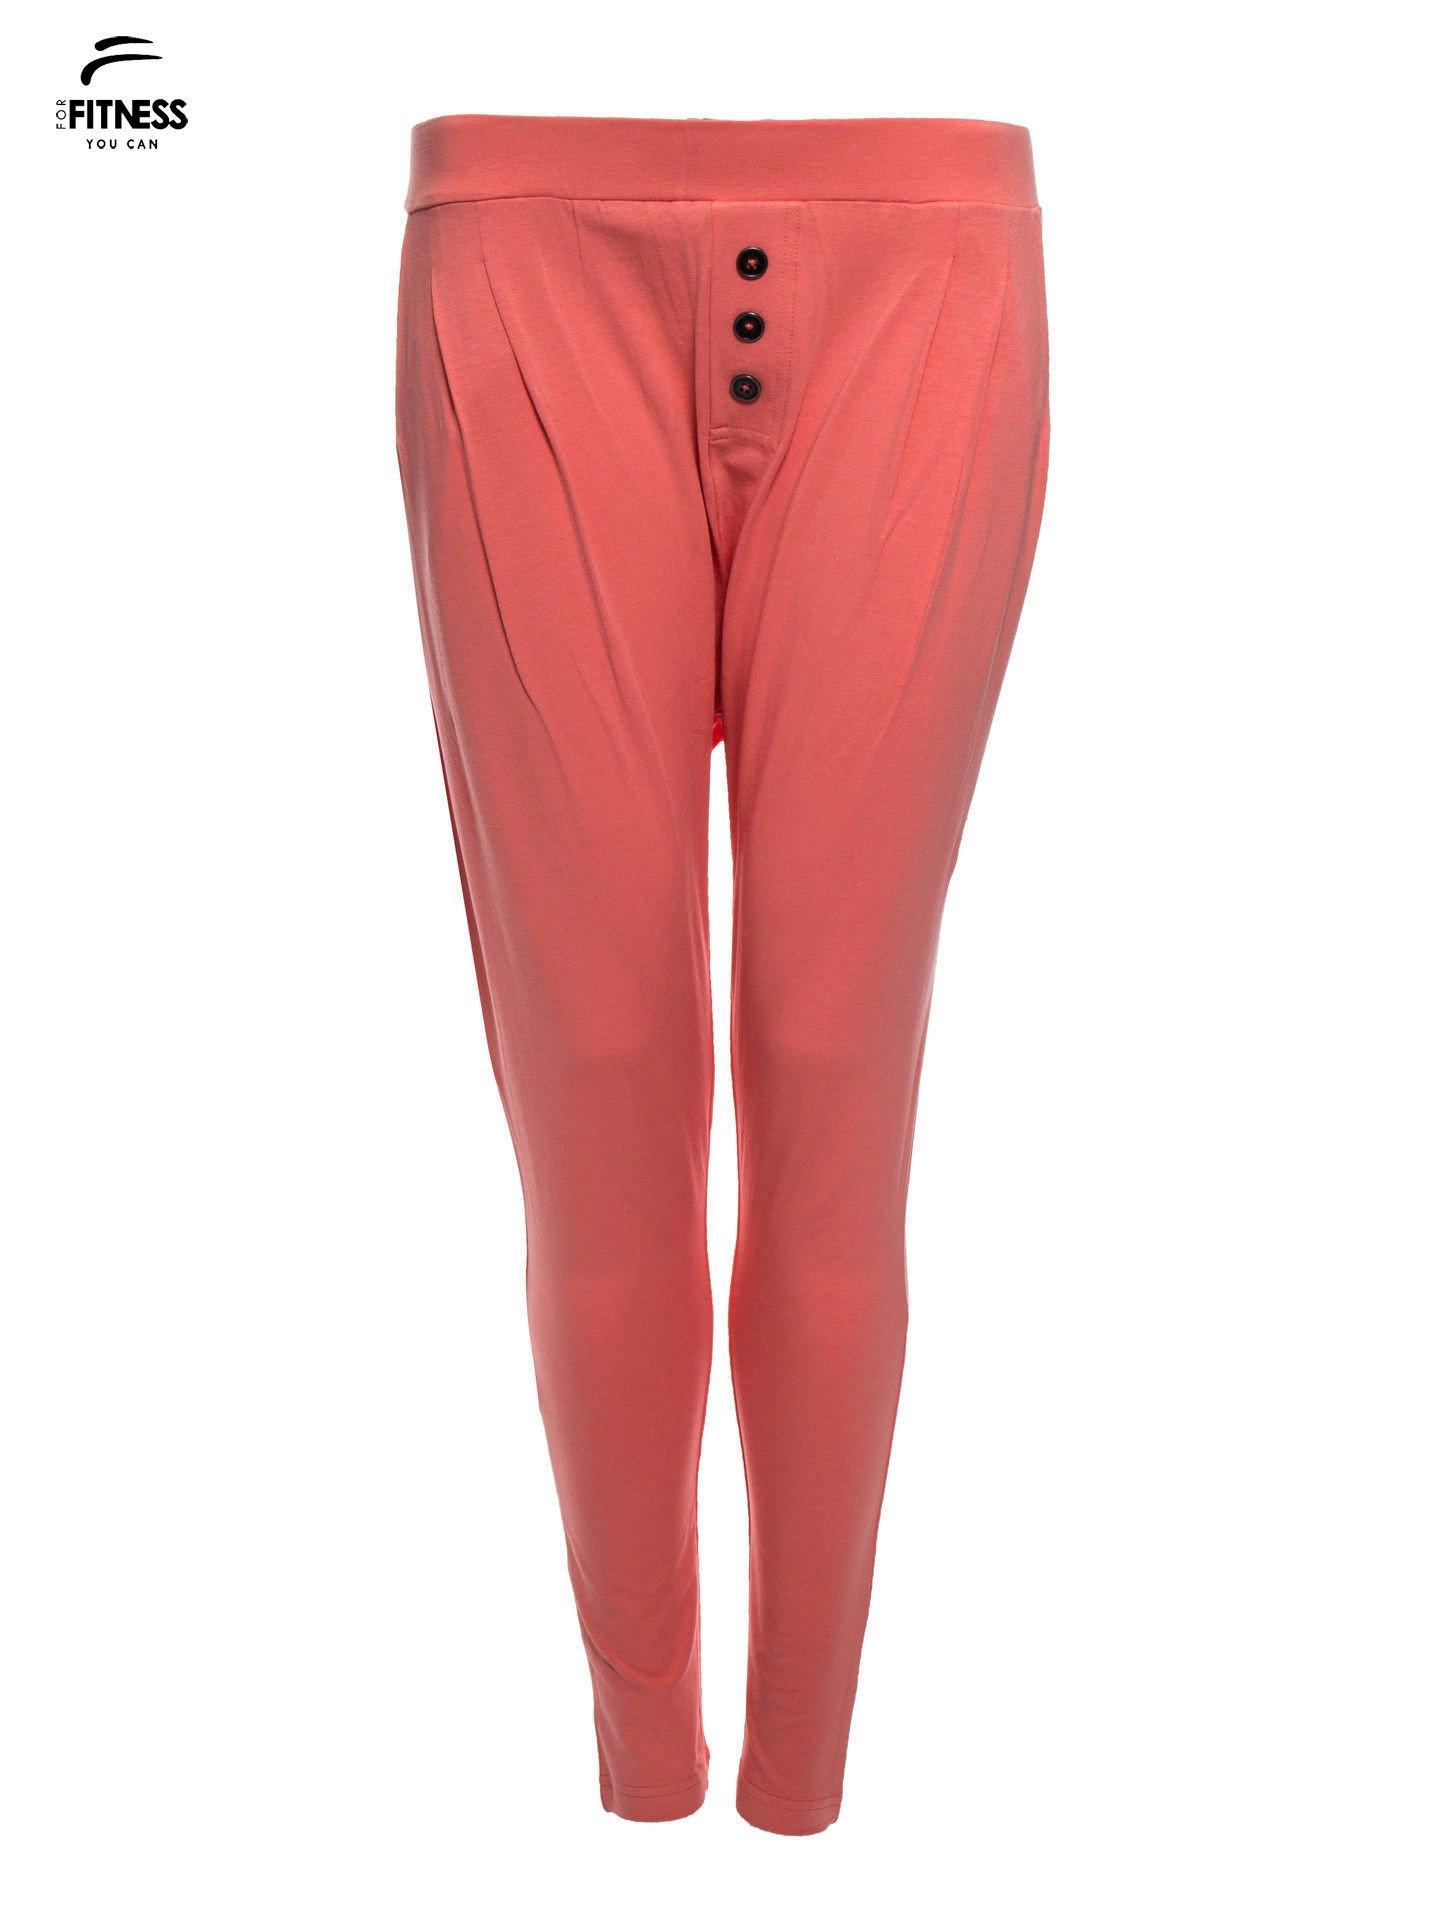 Jasnokoralowe spodnie dresowe typu baggy z guziczkami                                  zdj.                                  4